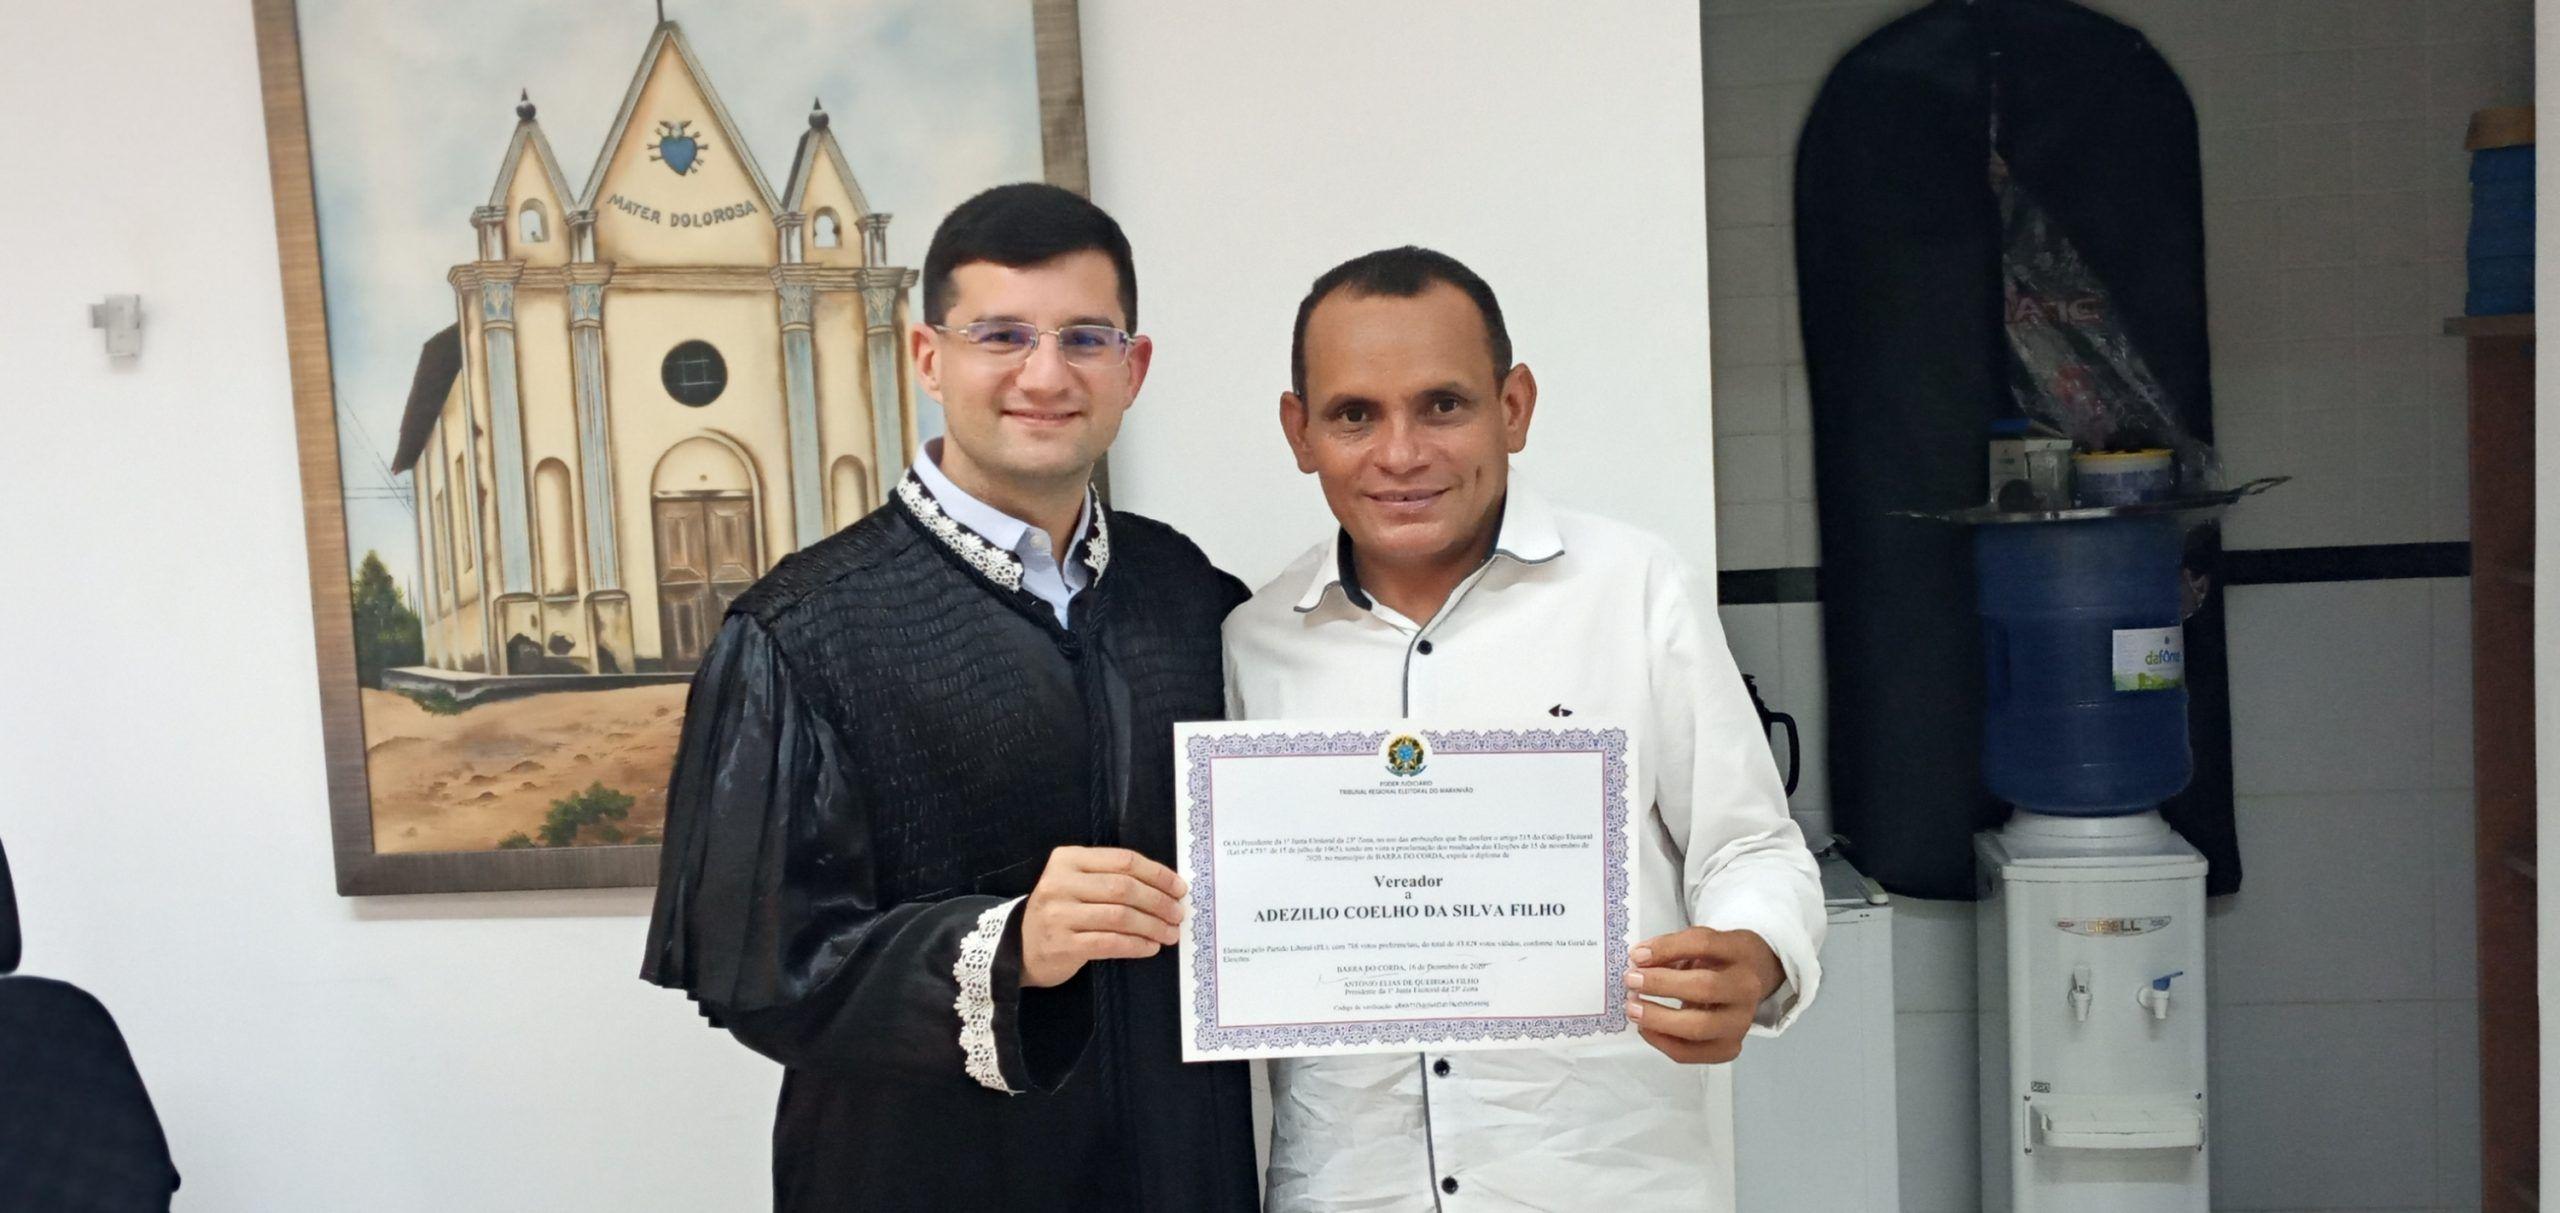 Juiz eleitoral Queiroga Filho diploma o vereador eleito Dedé em Barra do Corda